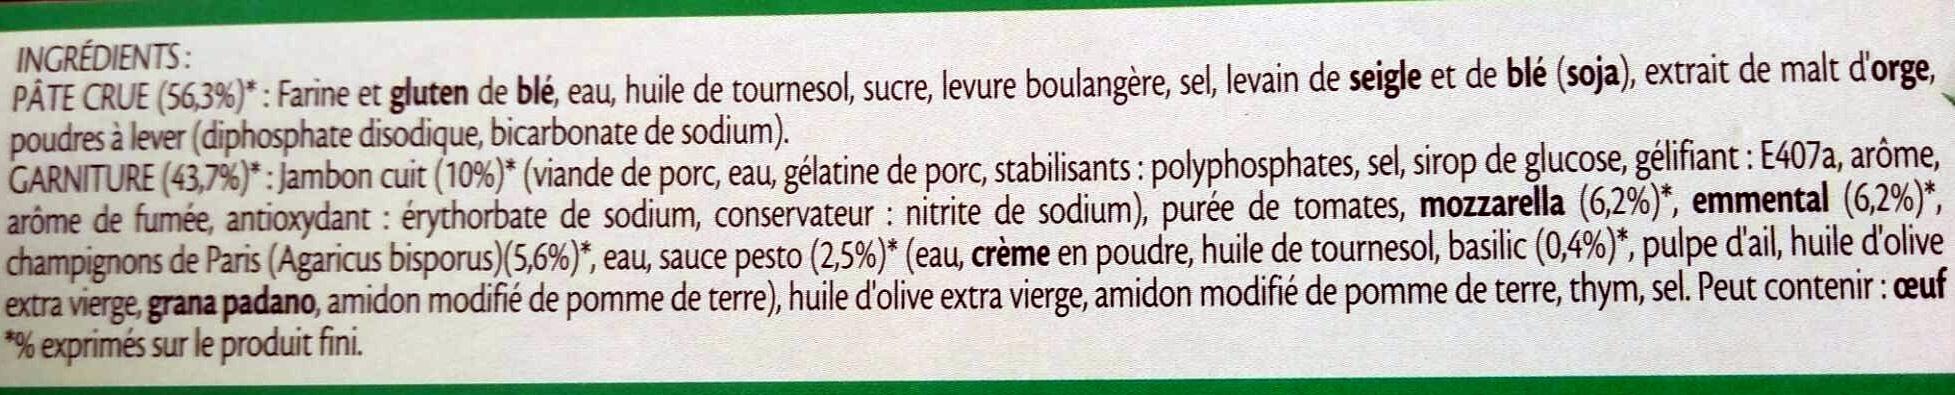 Fraîch'Up Jambon Fromages Champignons Pesto - Ingrédients - fr